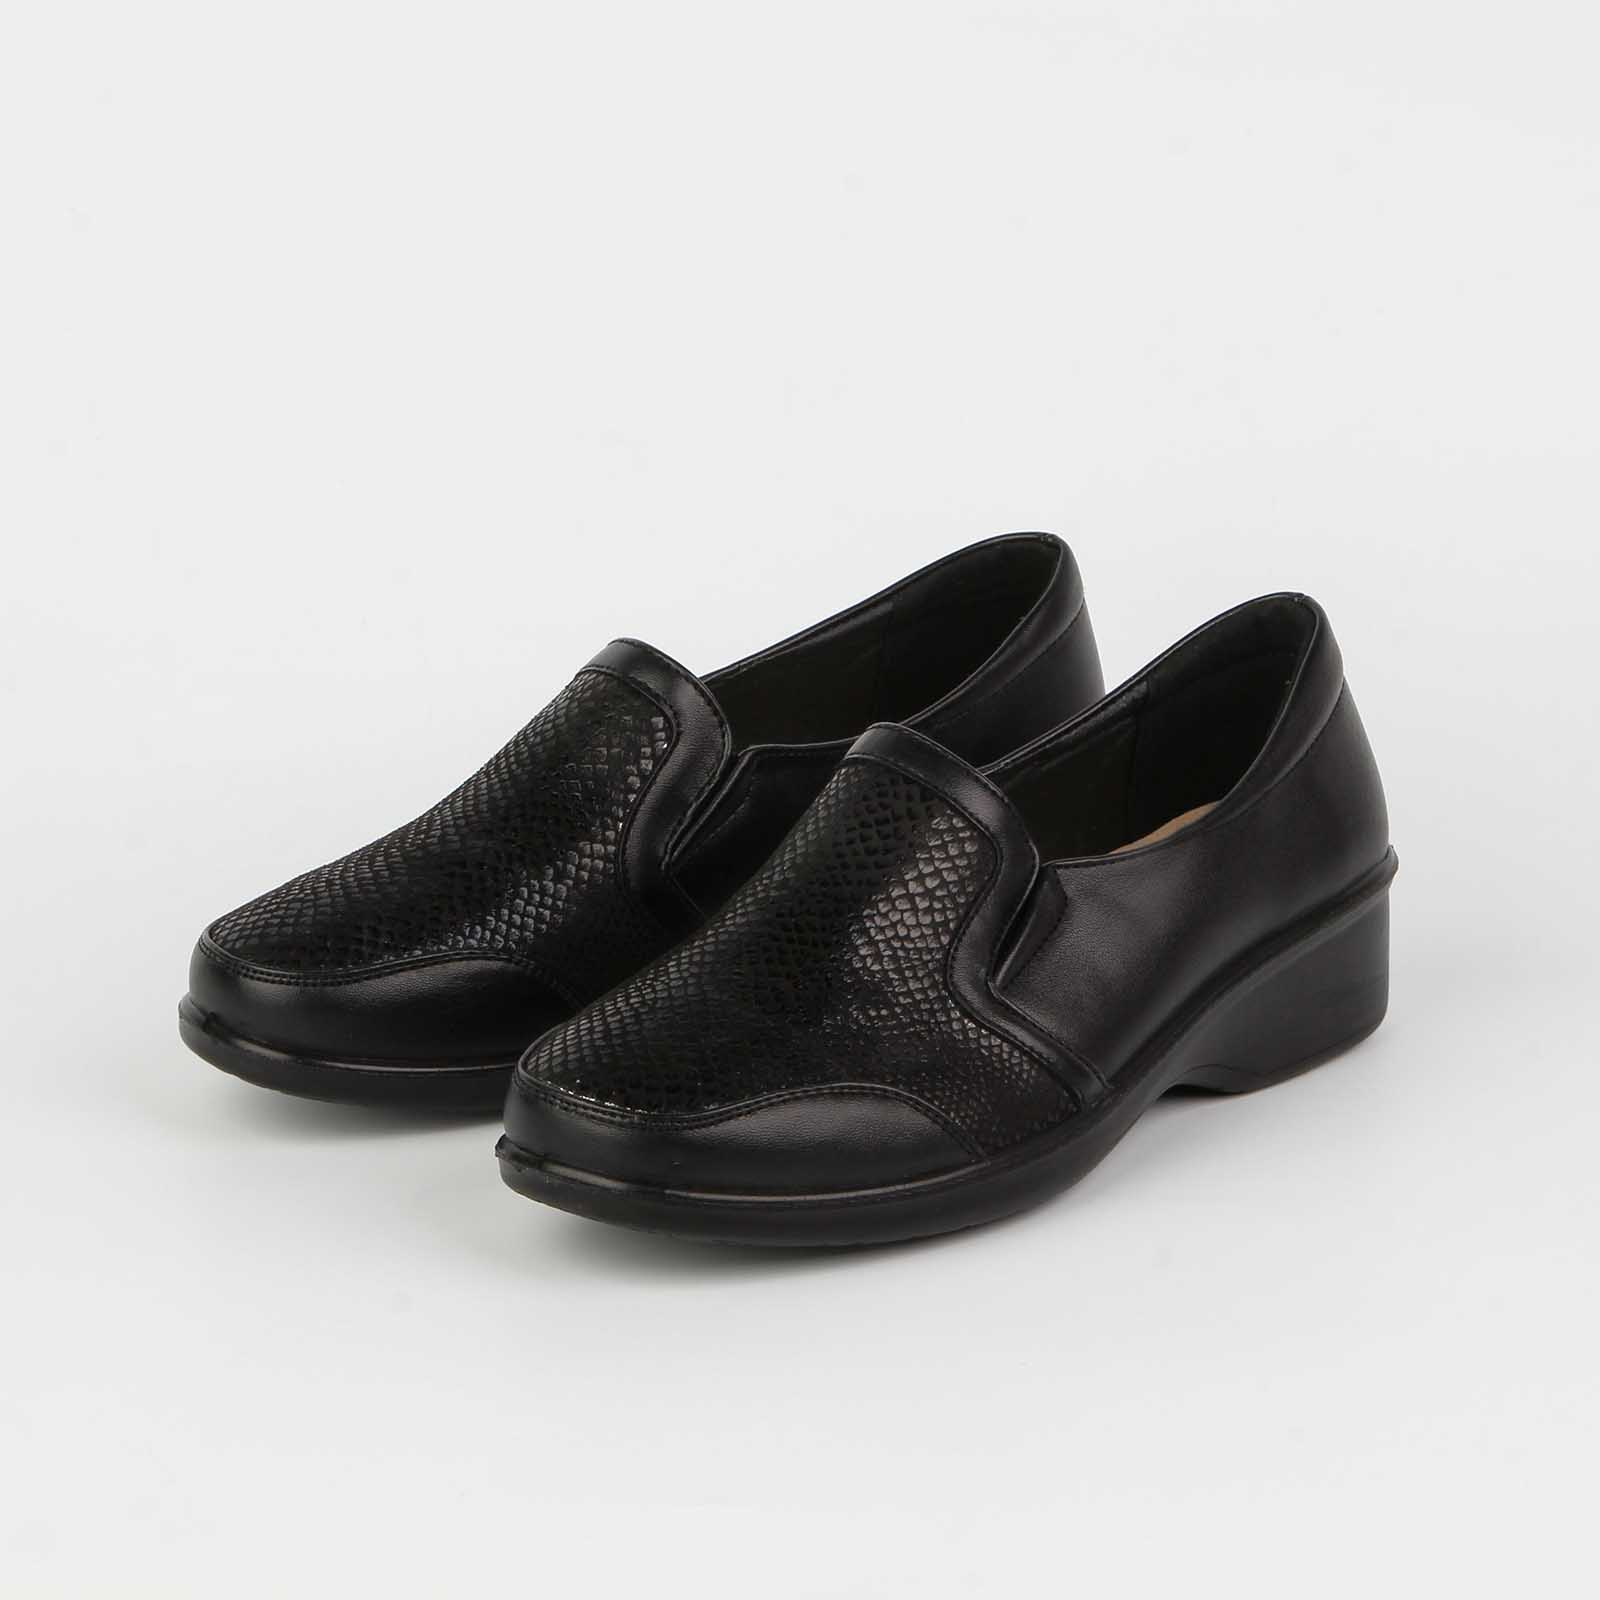 Туфли женские украшенные декорированной вставкой на мысу